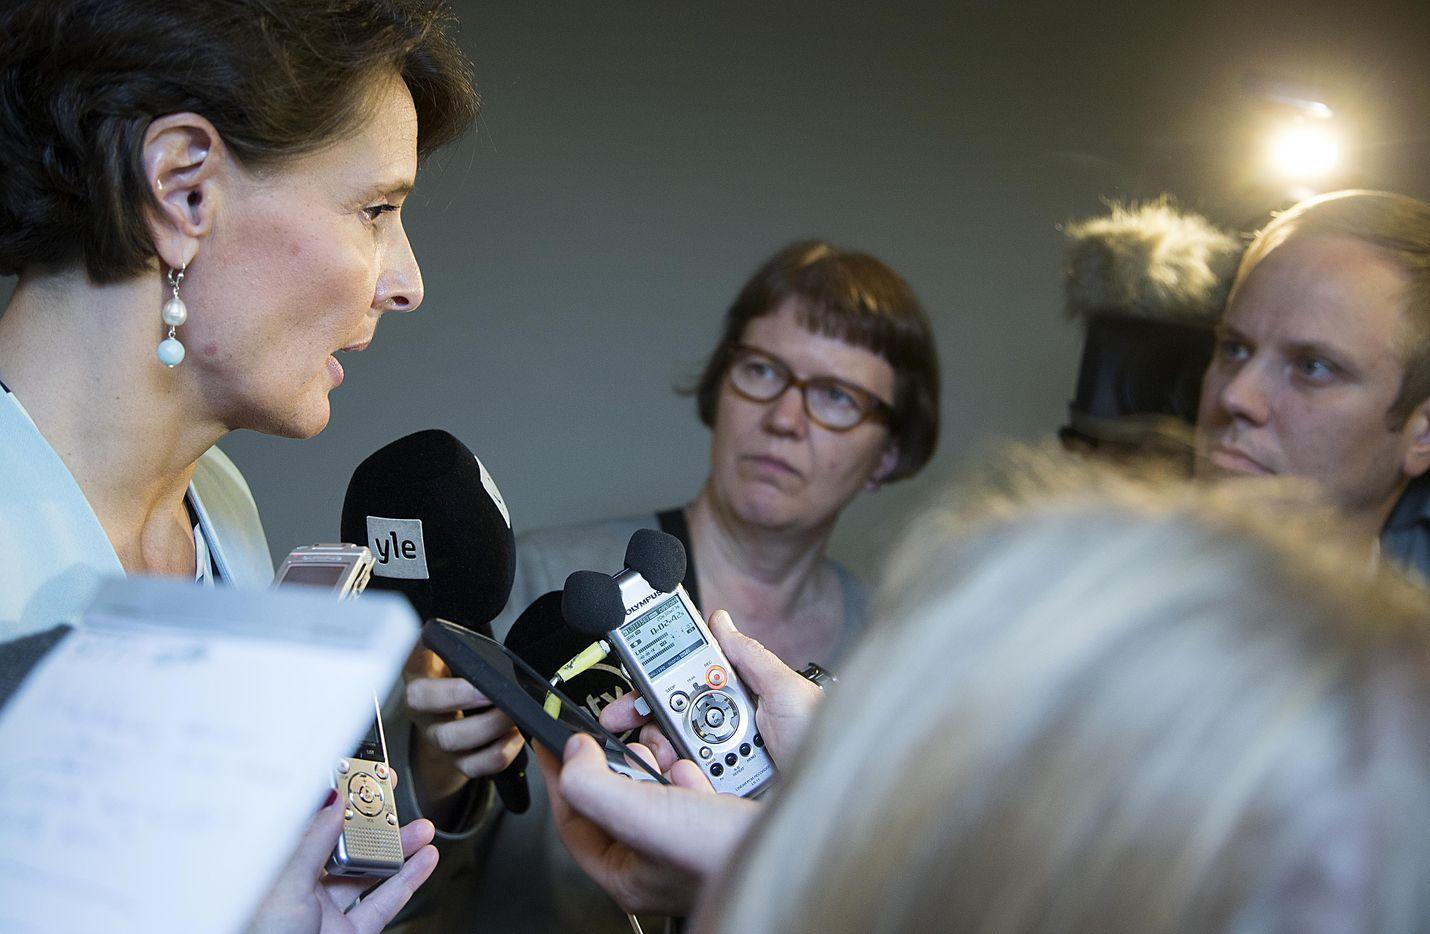 Suomi on yksi niistä harvoista maista, joissa rautateiden matkustajaliikennettä ei ole avattu kilpailulle. Keskustan mandaatilla operoinut liikenneministeri Anne Berner yritti muuttaa asetelmaa vauhdilla.